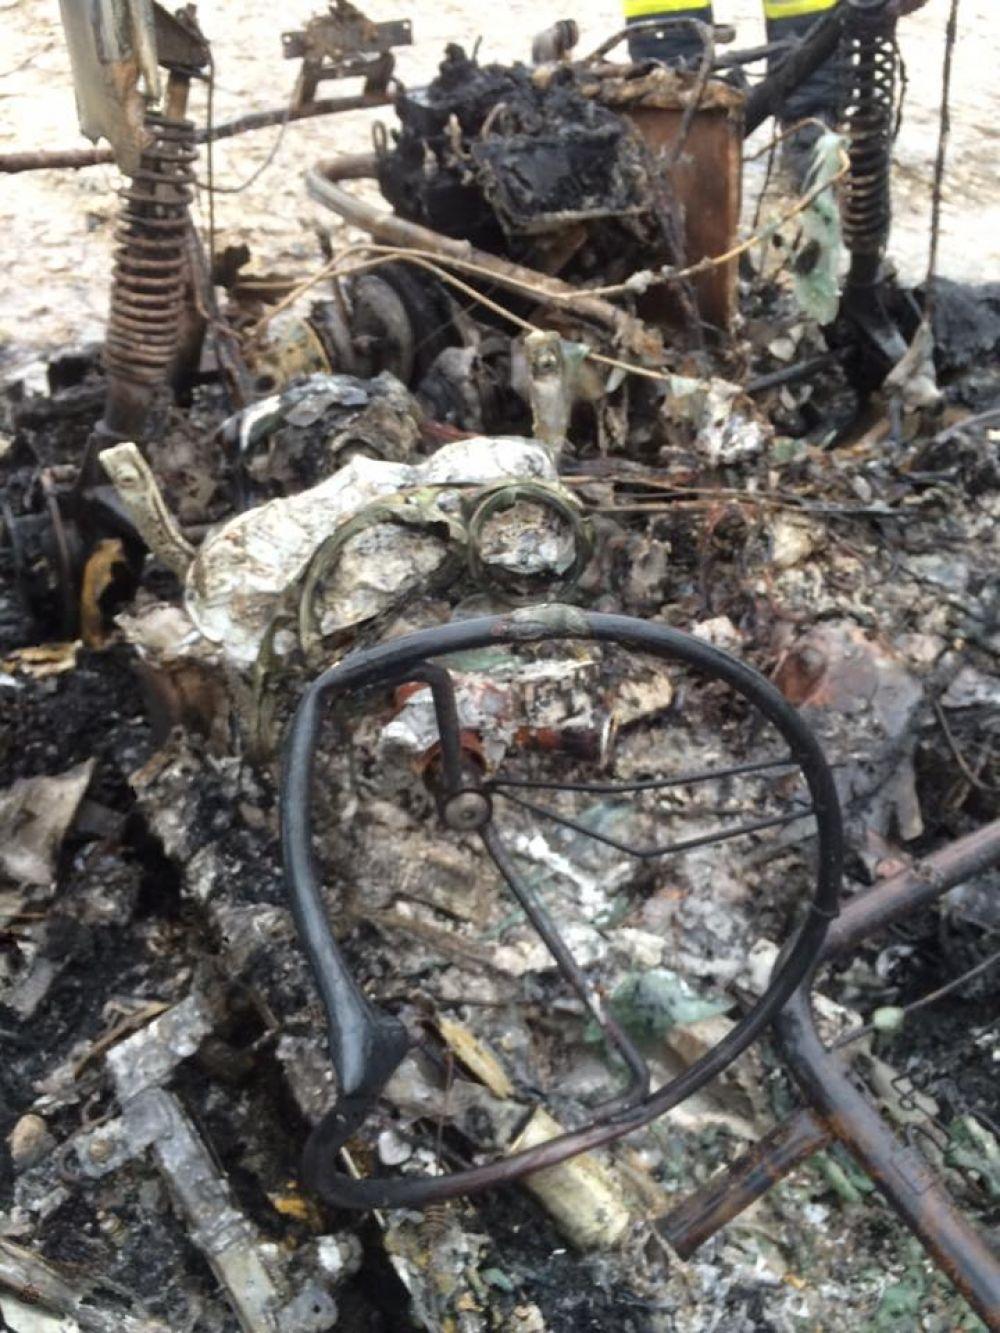 Zhorené auto, po ktorom pátrala polícia, foto 3